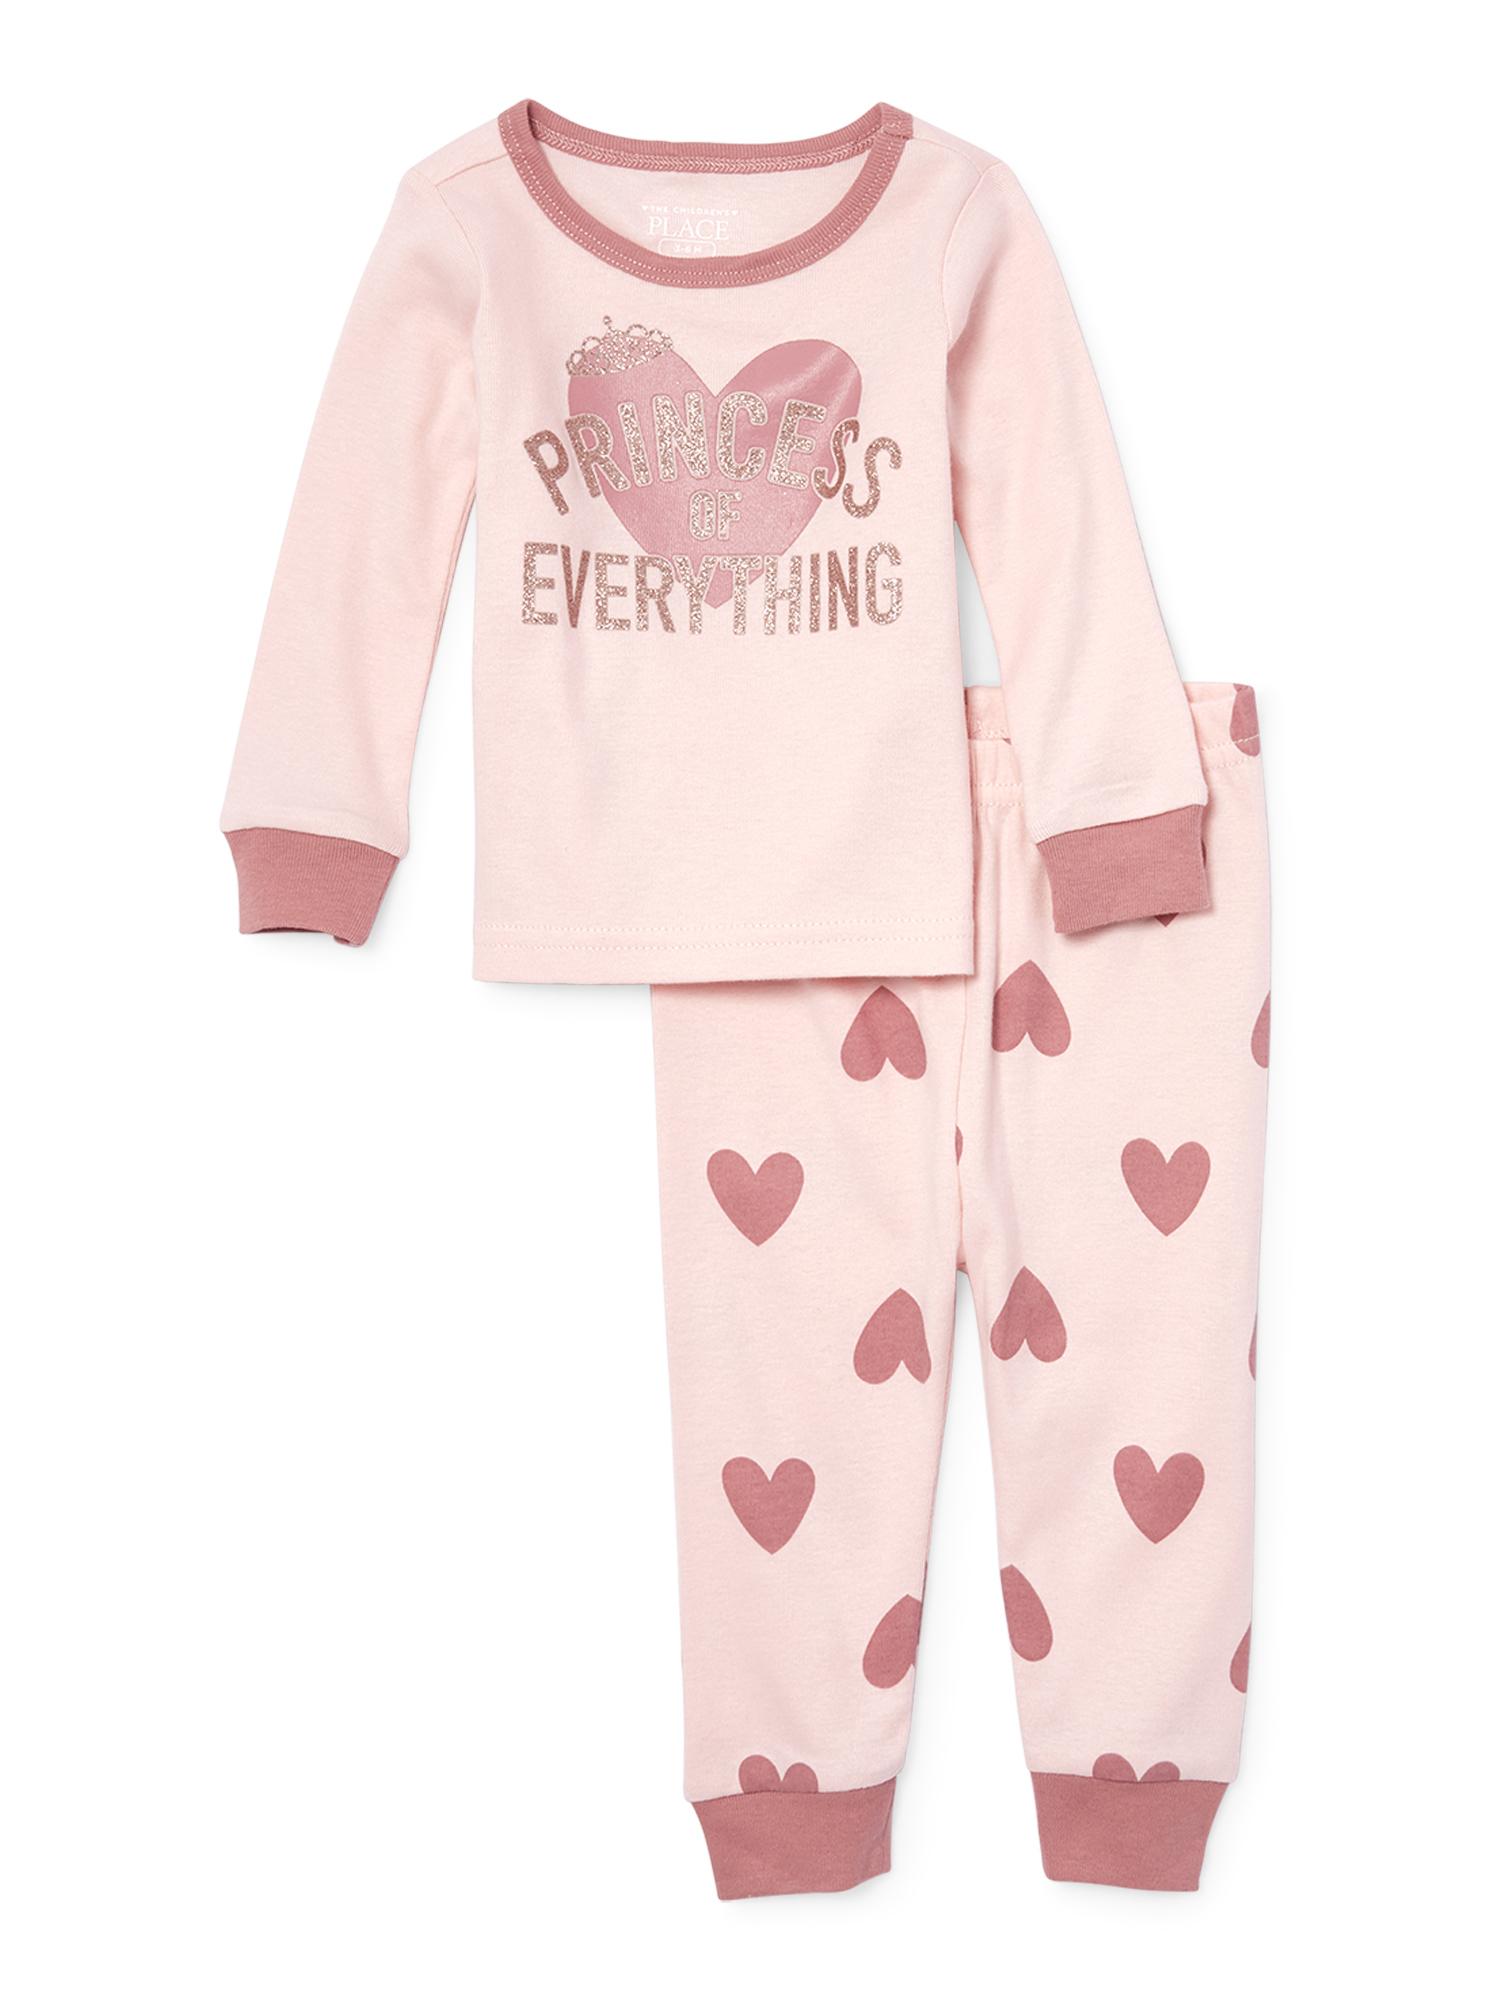 Short Sleeve Tight Fit Pajamas, 2-piece Set (Baby Girls & Toddler Girls)